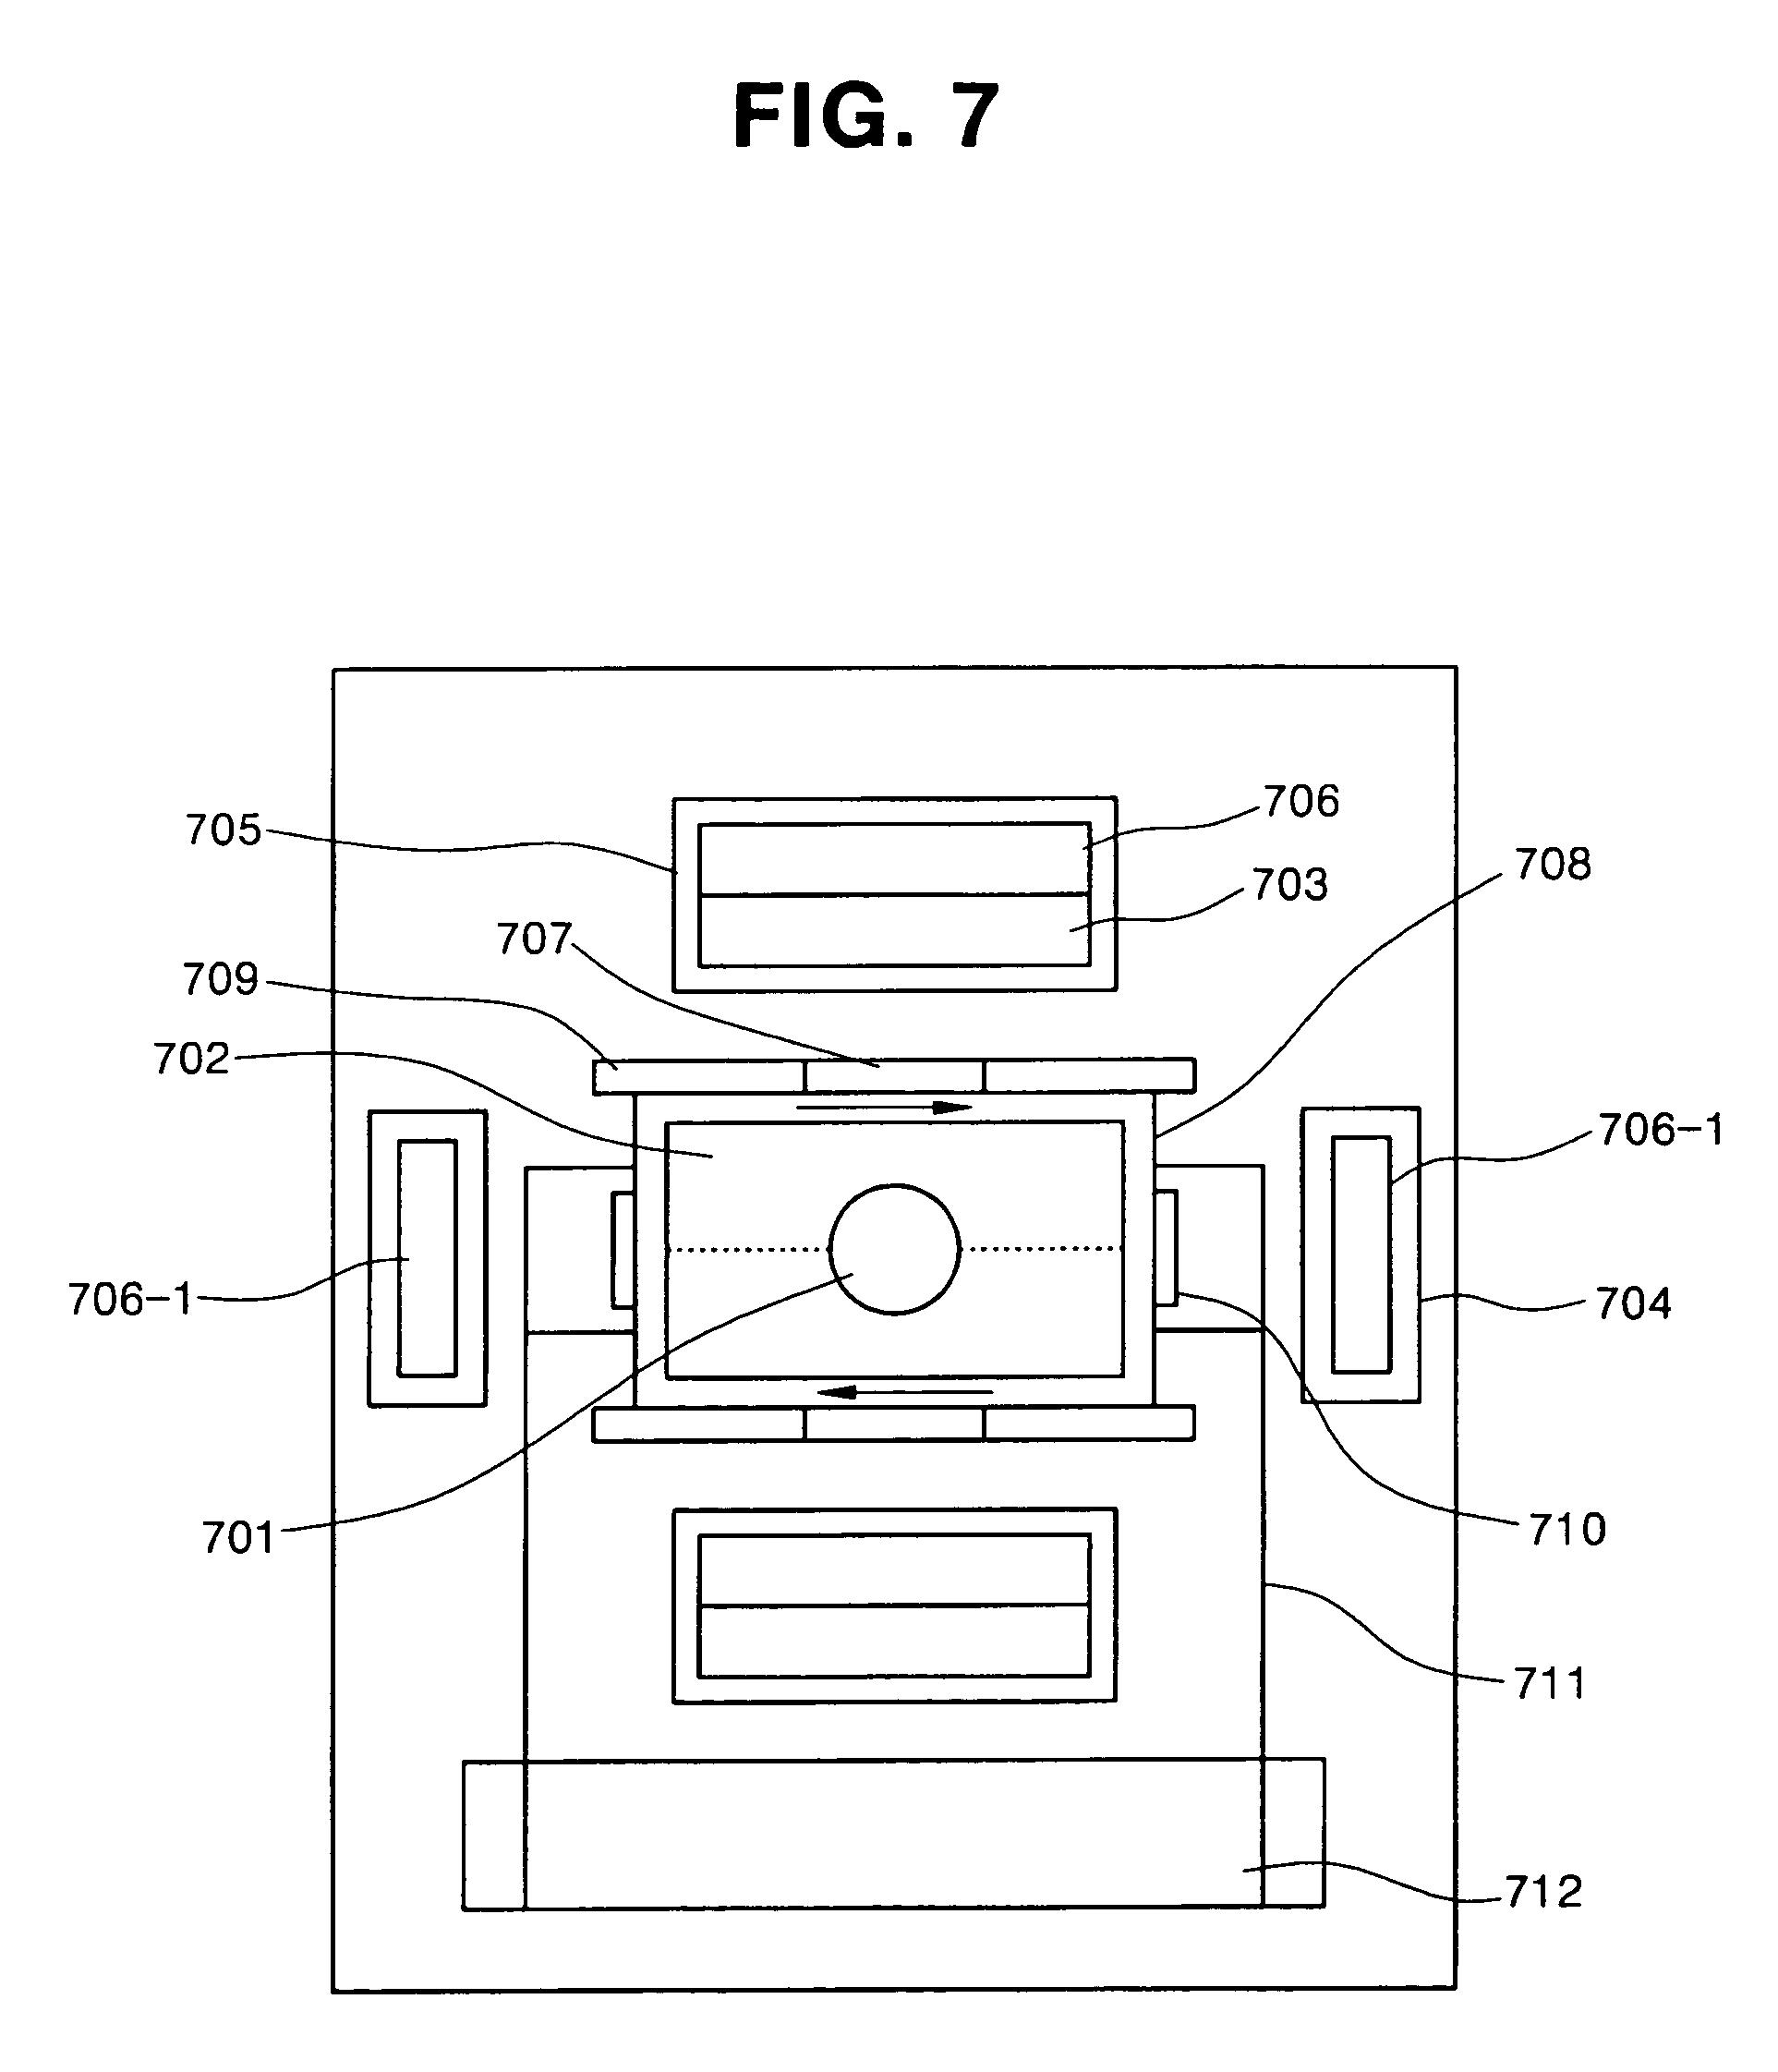 optical pick-up actuator